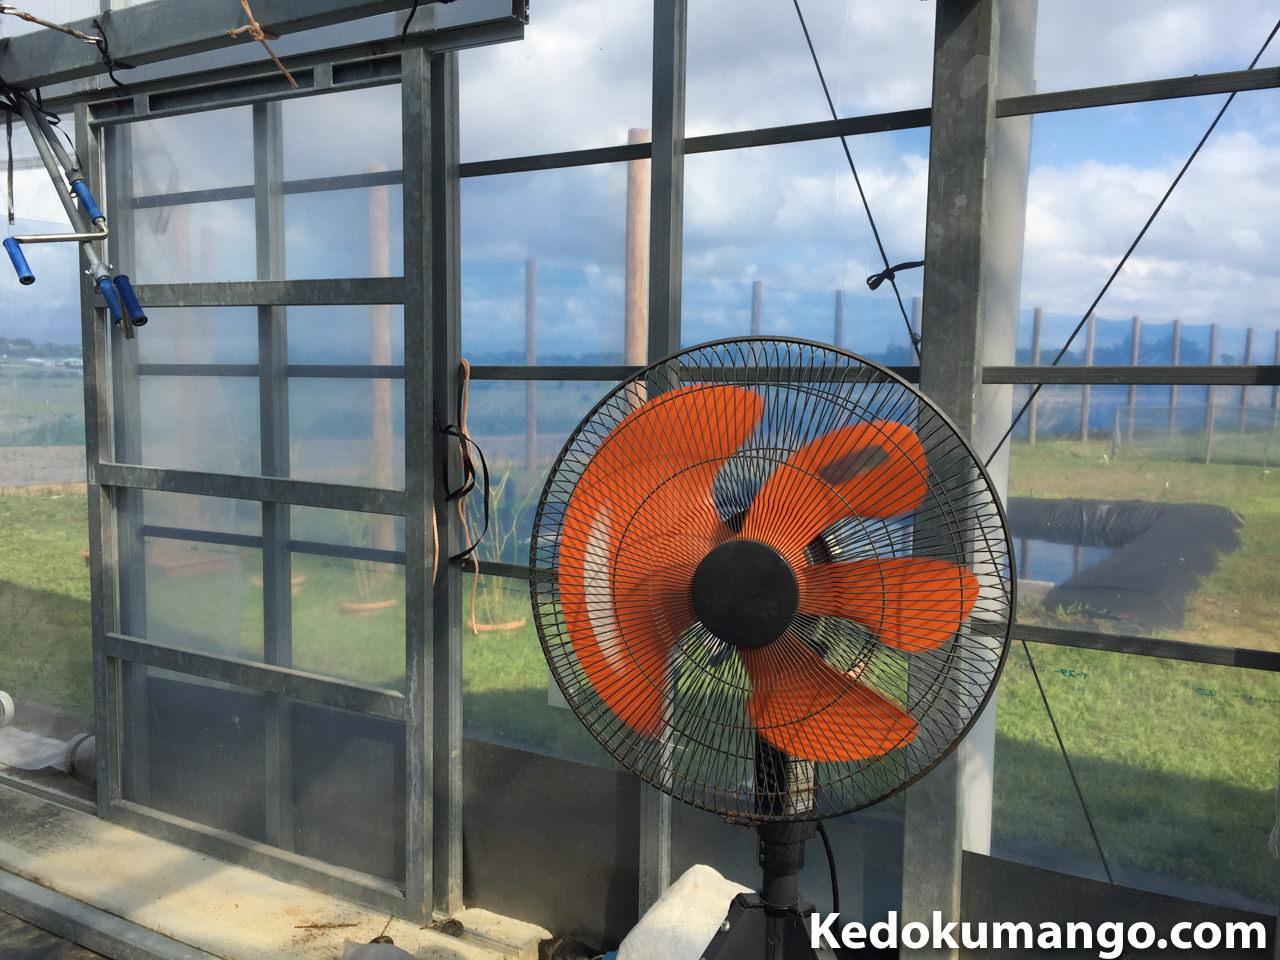 ビニールハウス内に扇風機